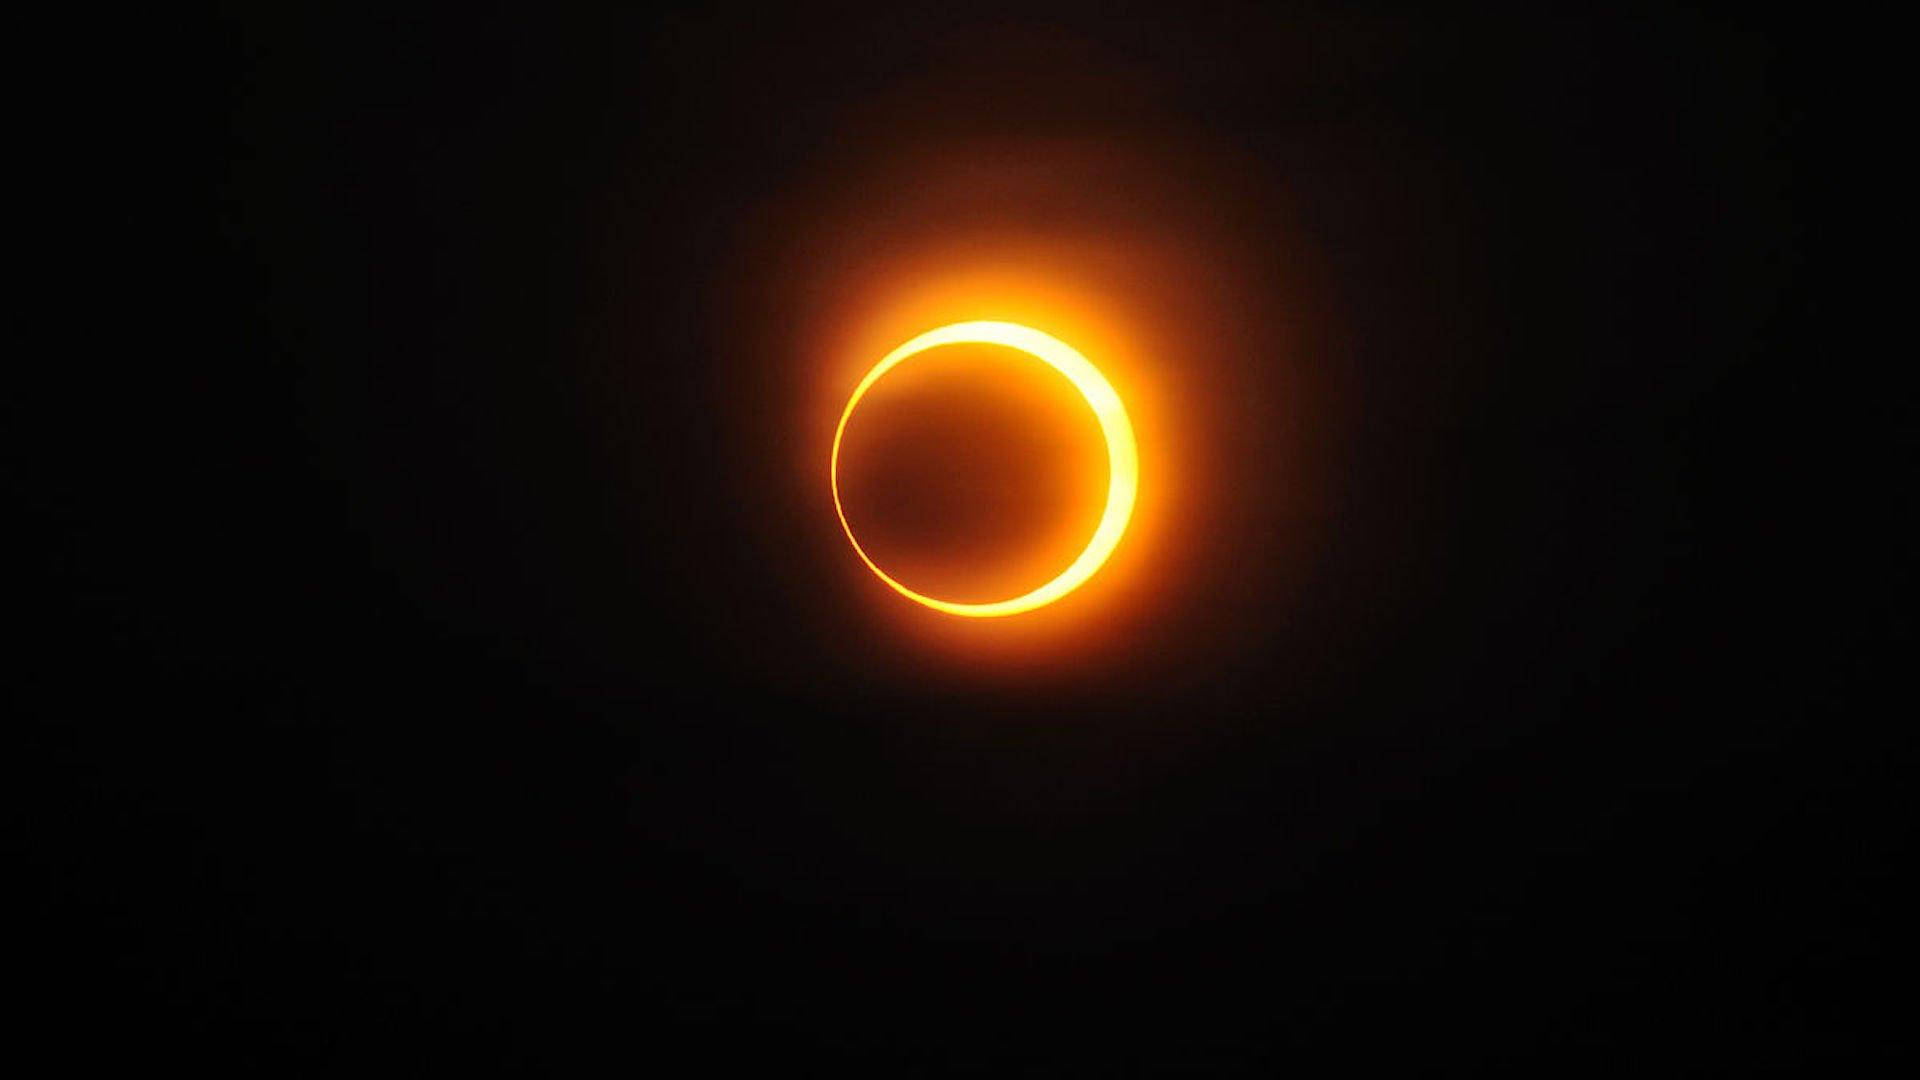 ¿Qué es un eclipse anular de sol y cómo se diferencia de uno total o parcial?